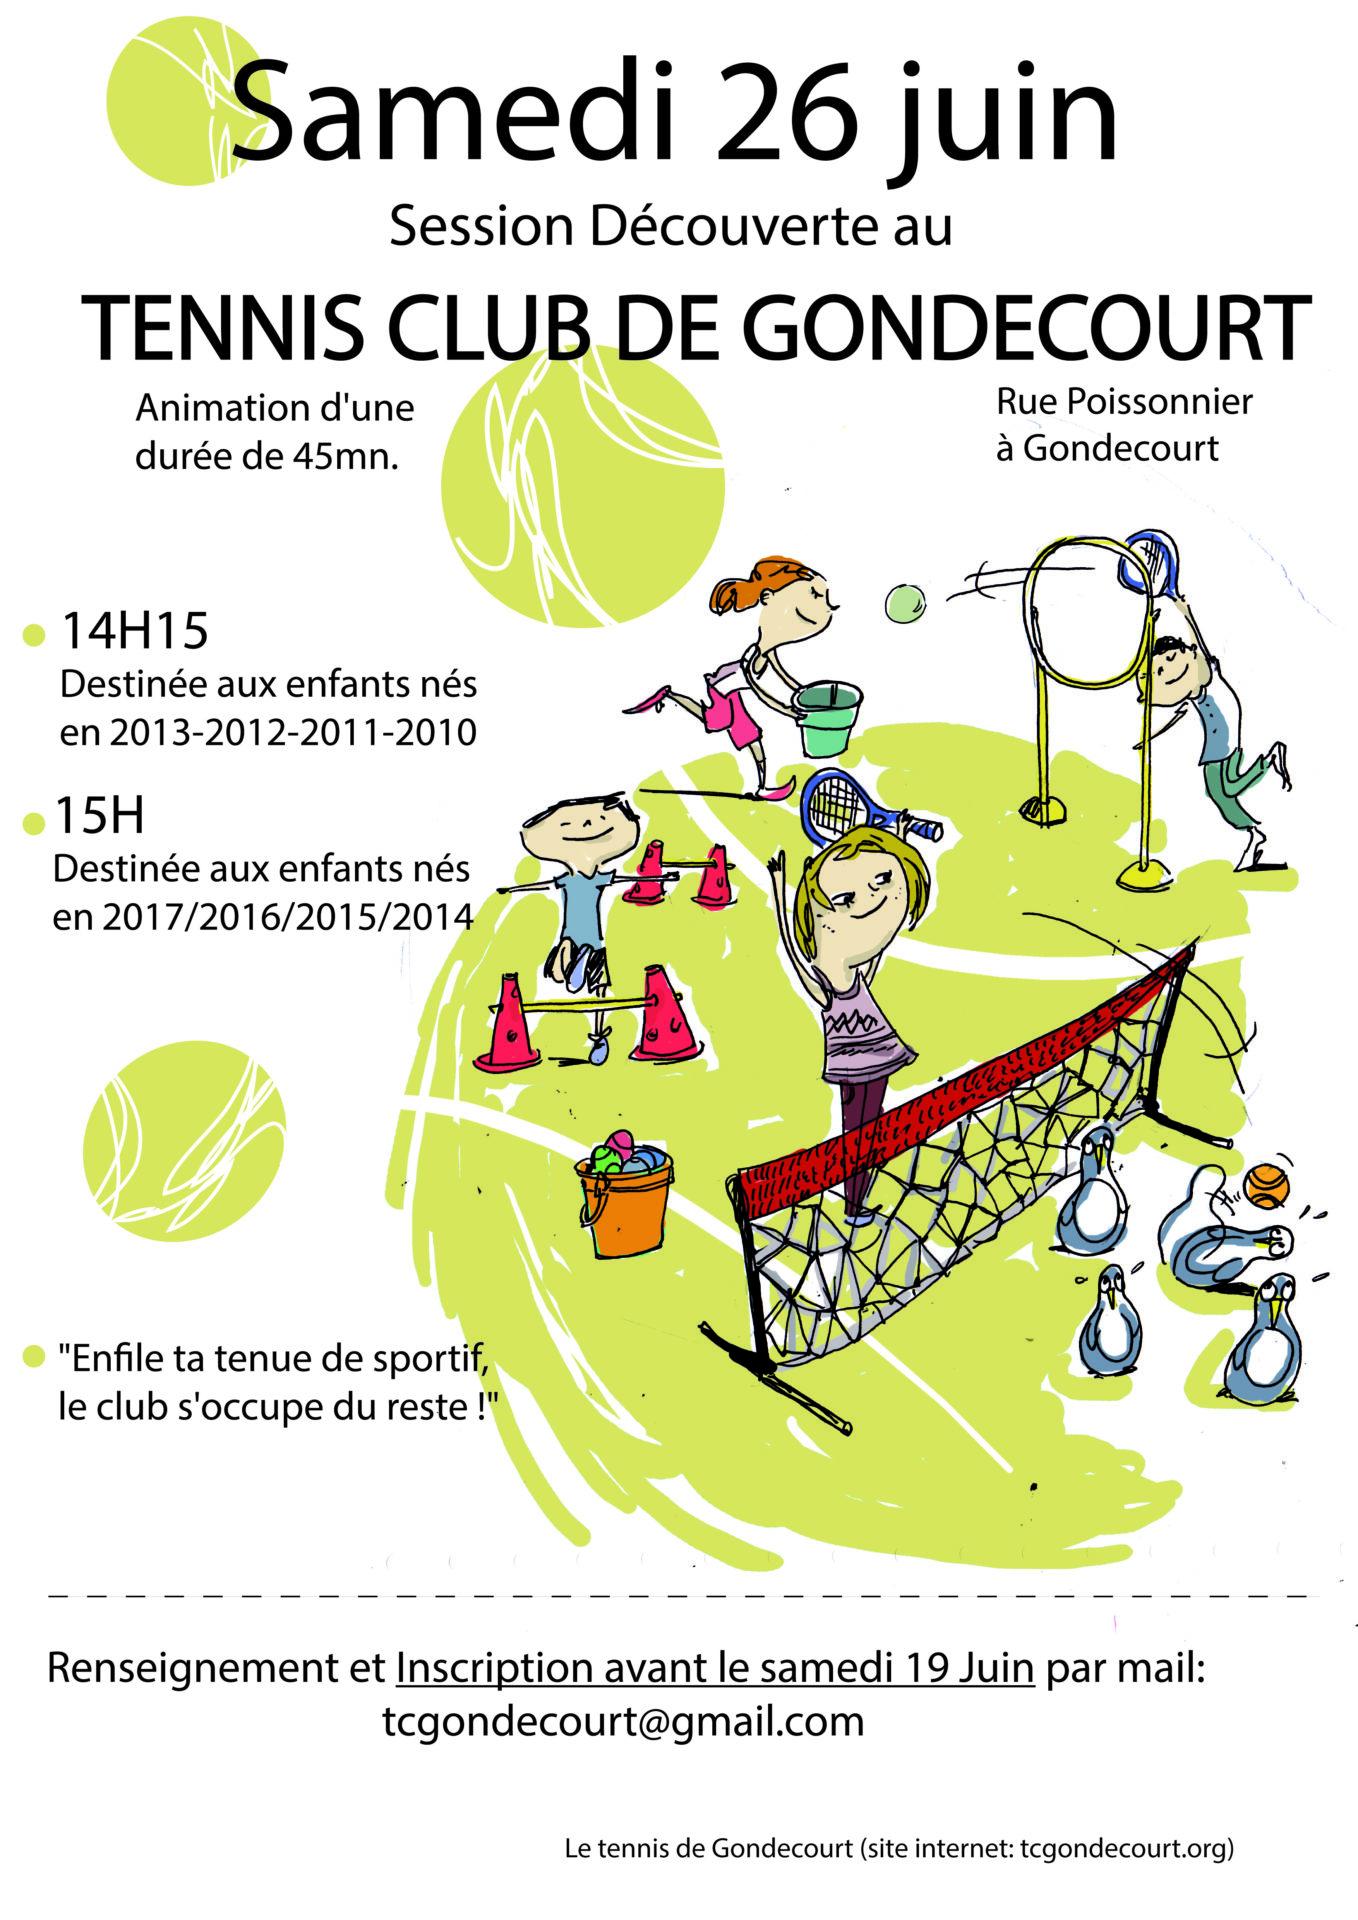 a3 tennis-01